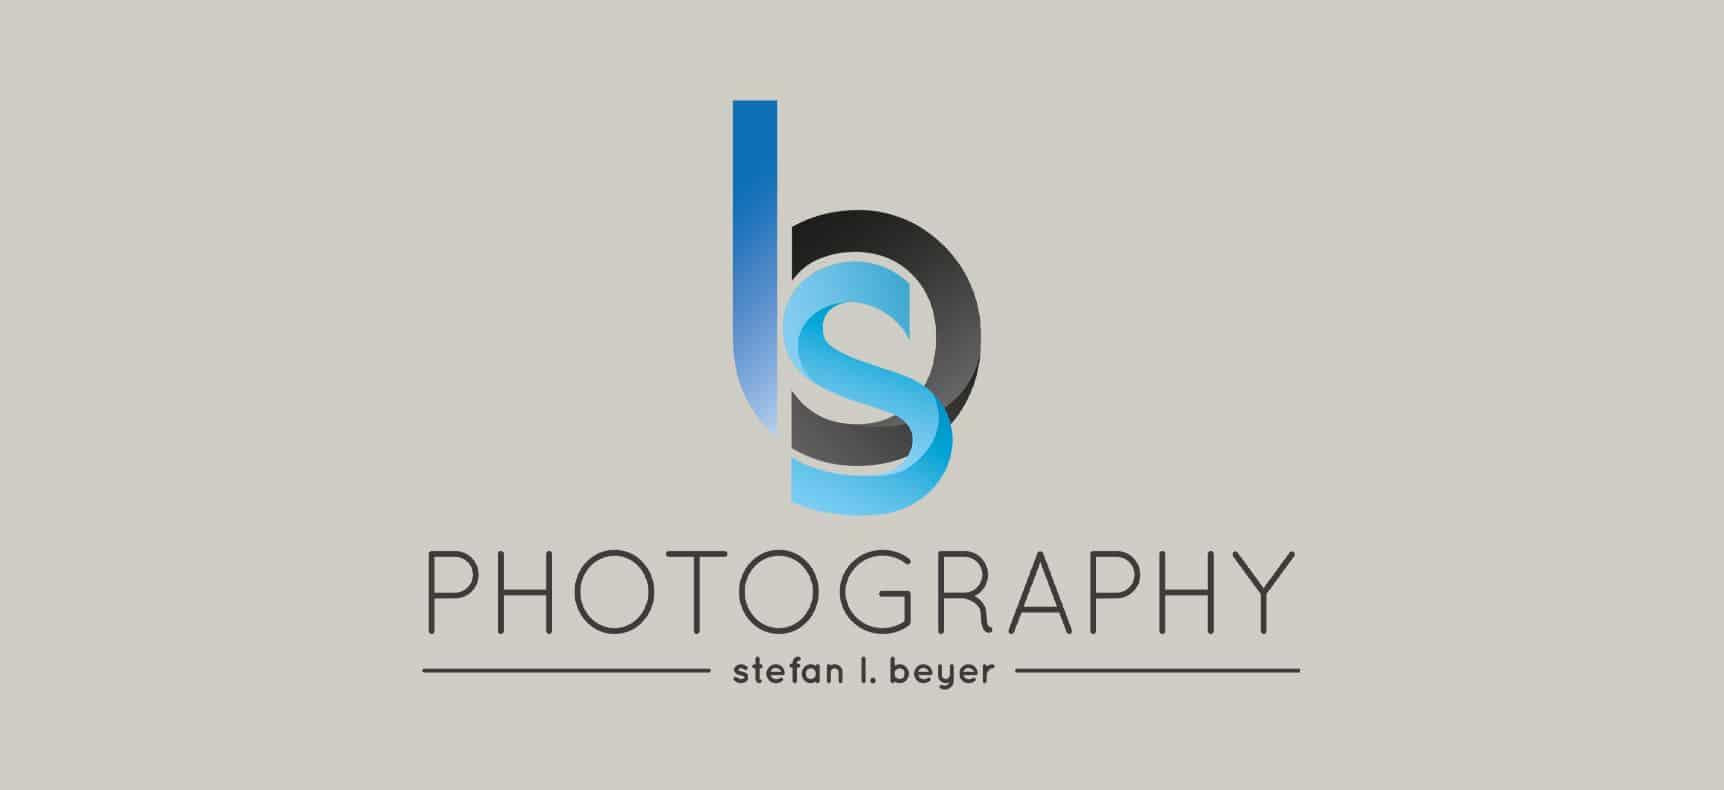 SLB Photography | Logo erstellt von StatusZwo.com